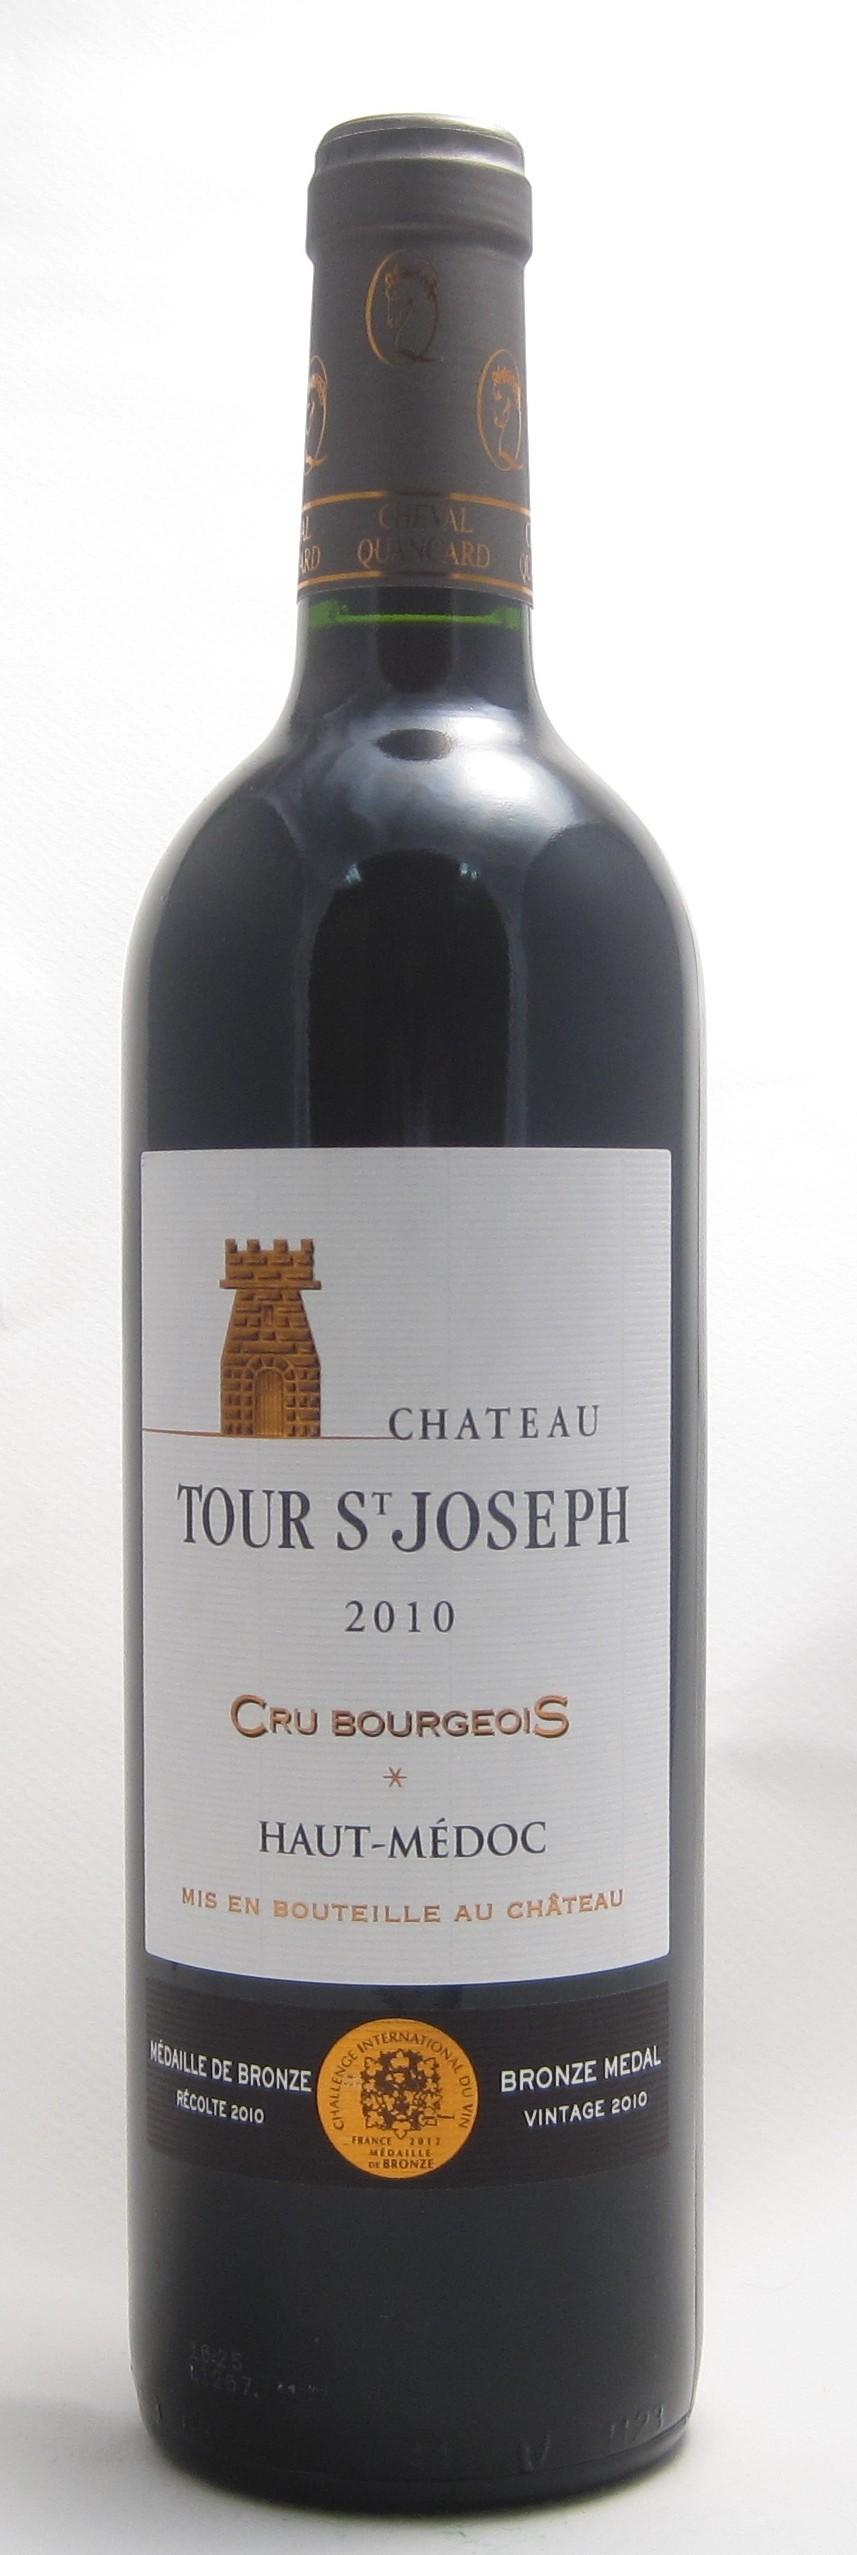 Chateau Tour St. Joseph Haut Médoc